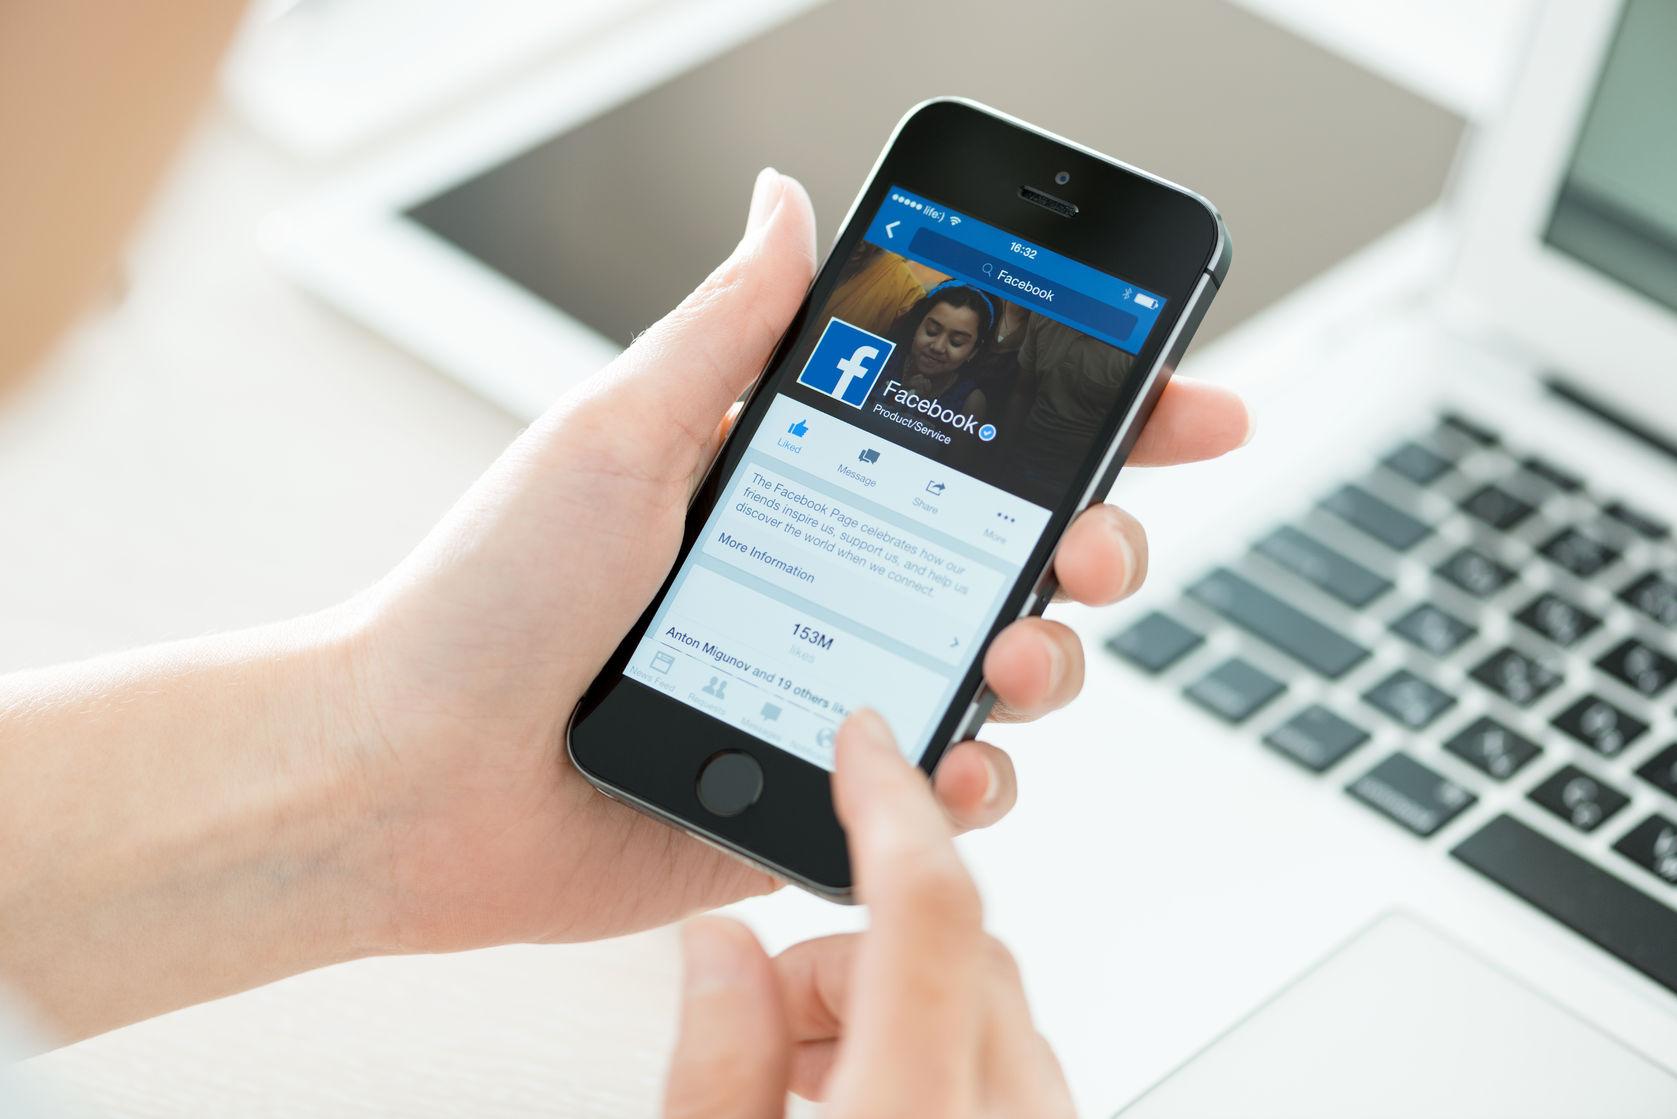 Facebook sabrá cuando una persona tenga señales suicidas, mira cómo